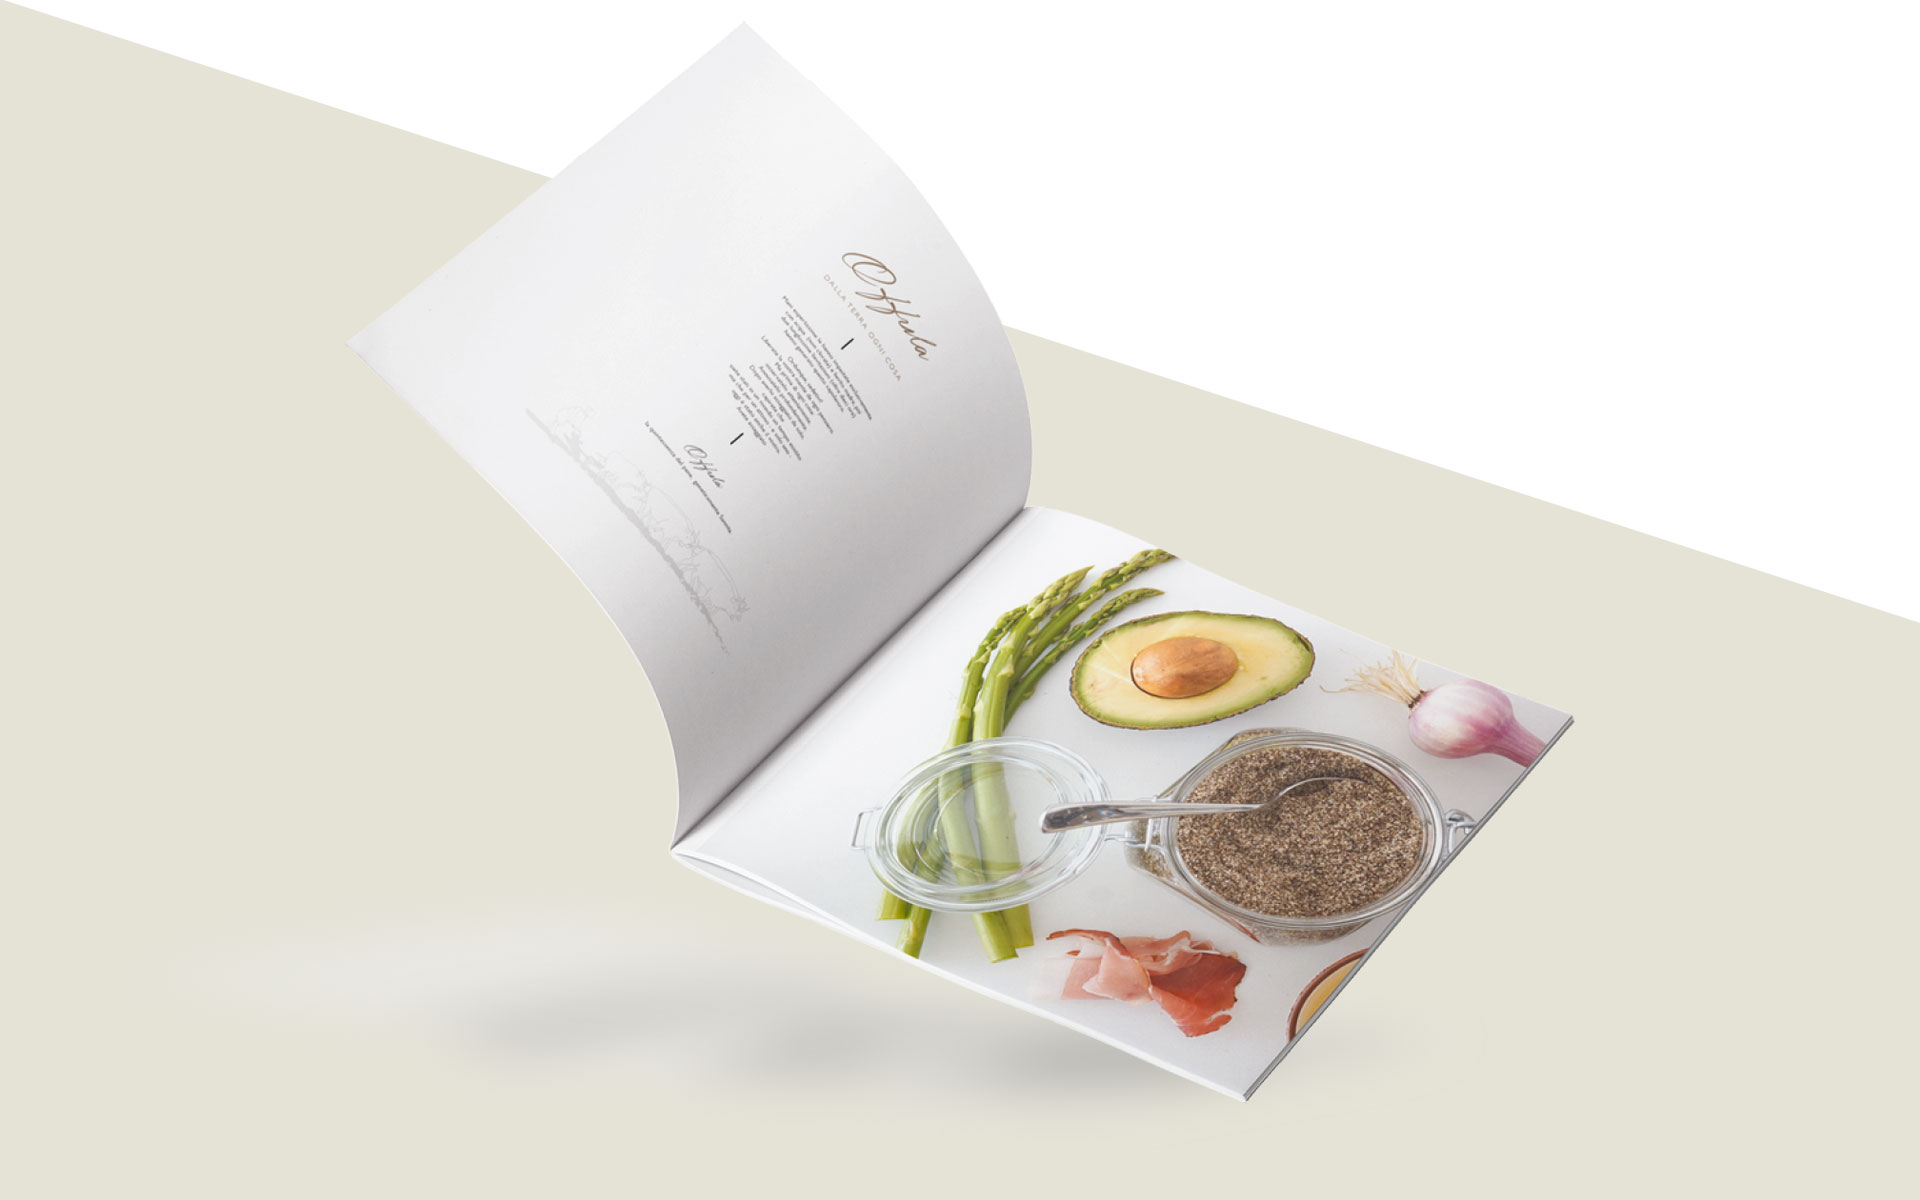 catalogo-per-prodotti-bio-e-naturali